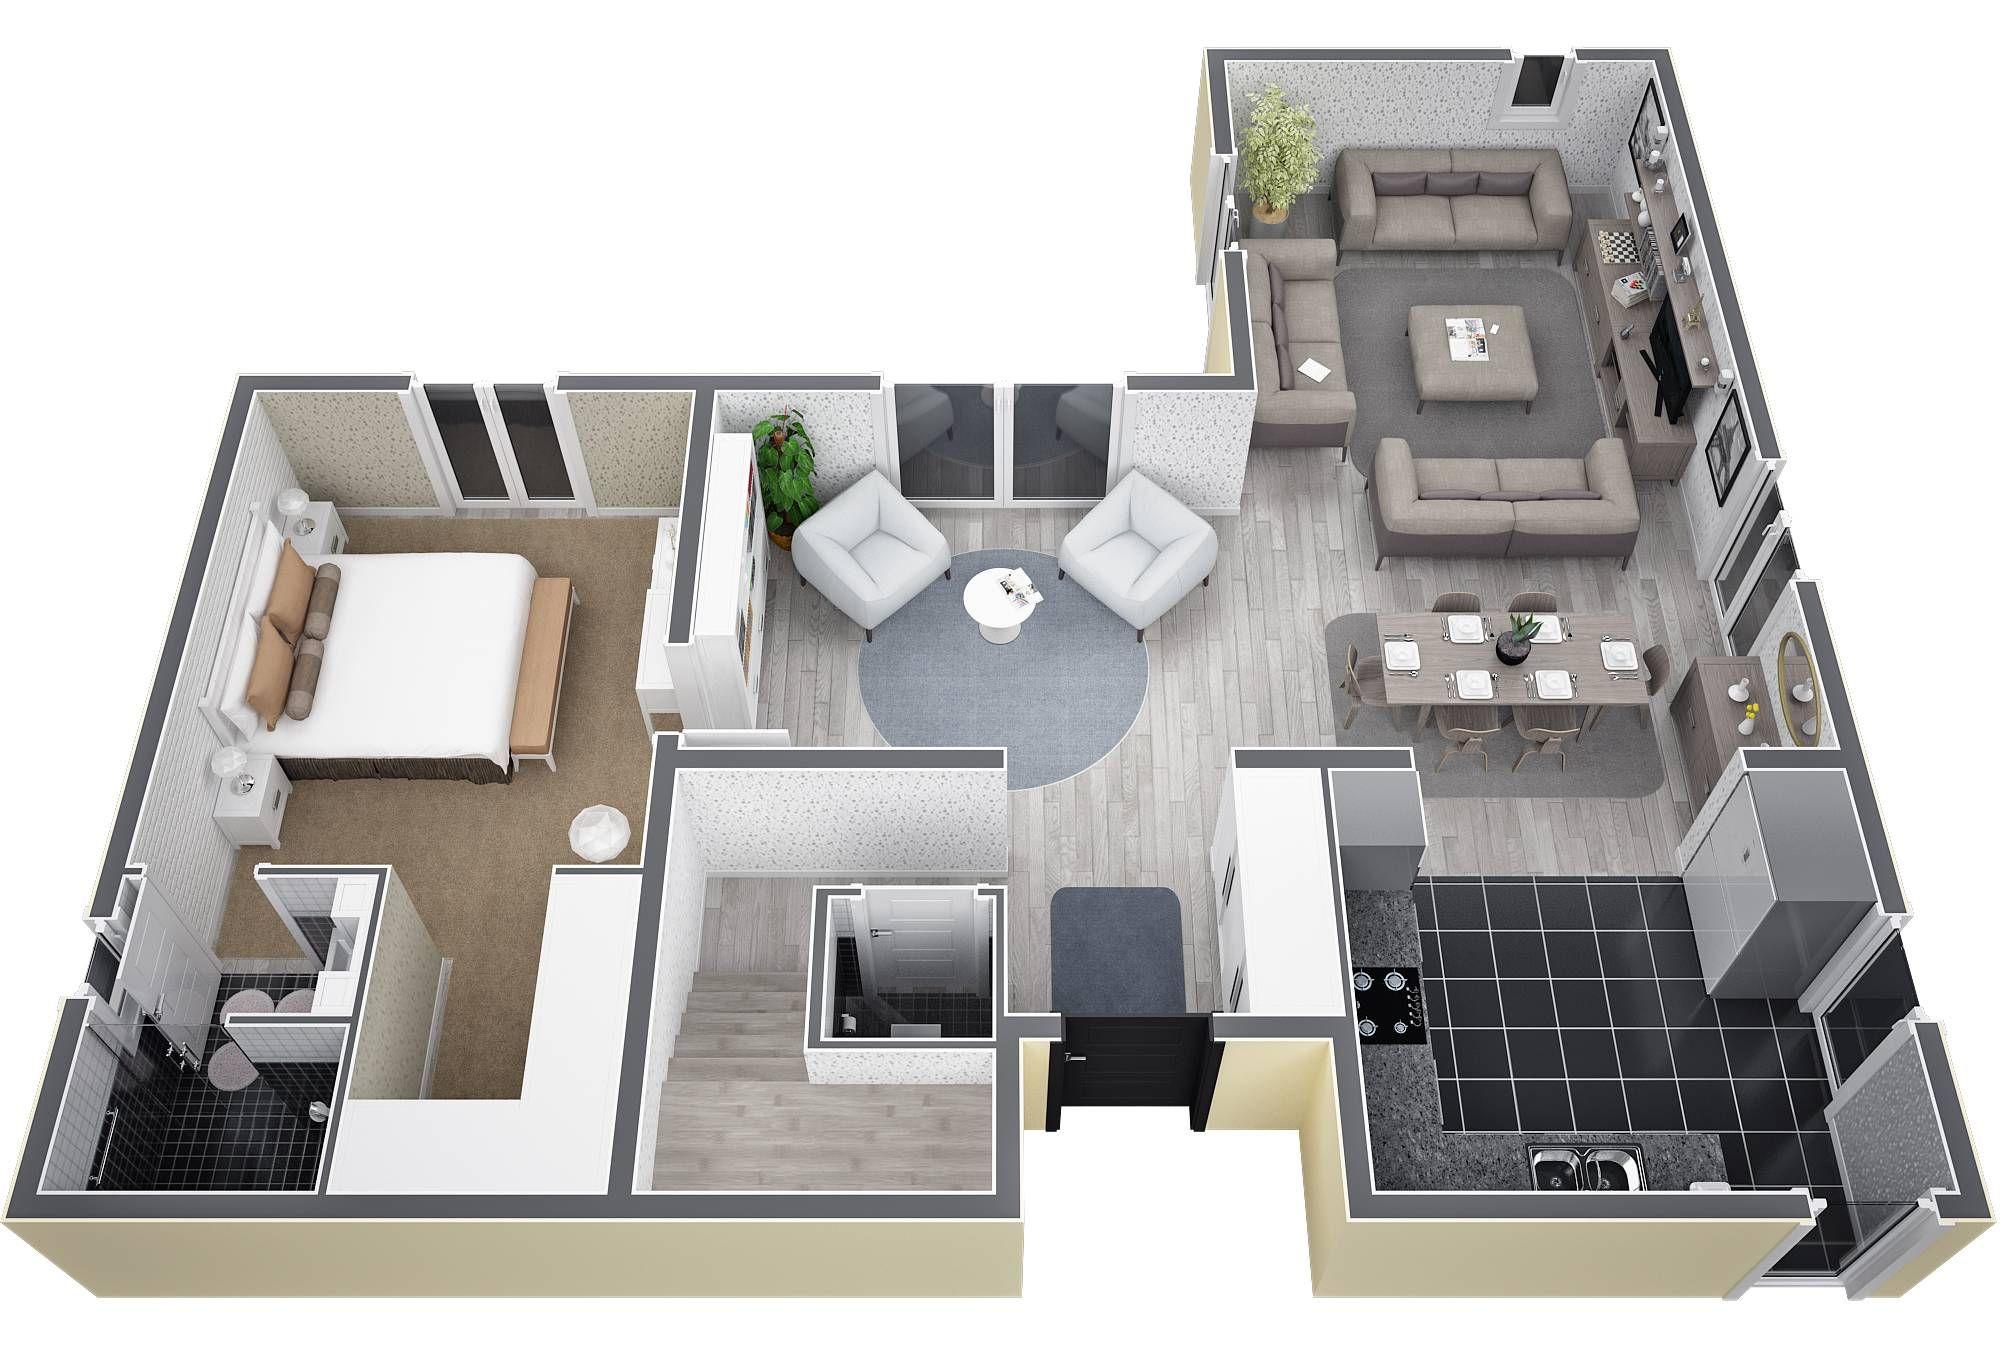 plan de maison en l 130m2 id es de travaux. Black Bedroom Furniture Sets. Home Design Ideas